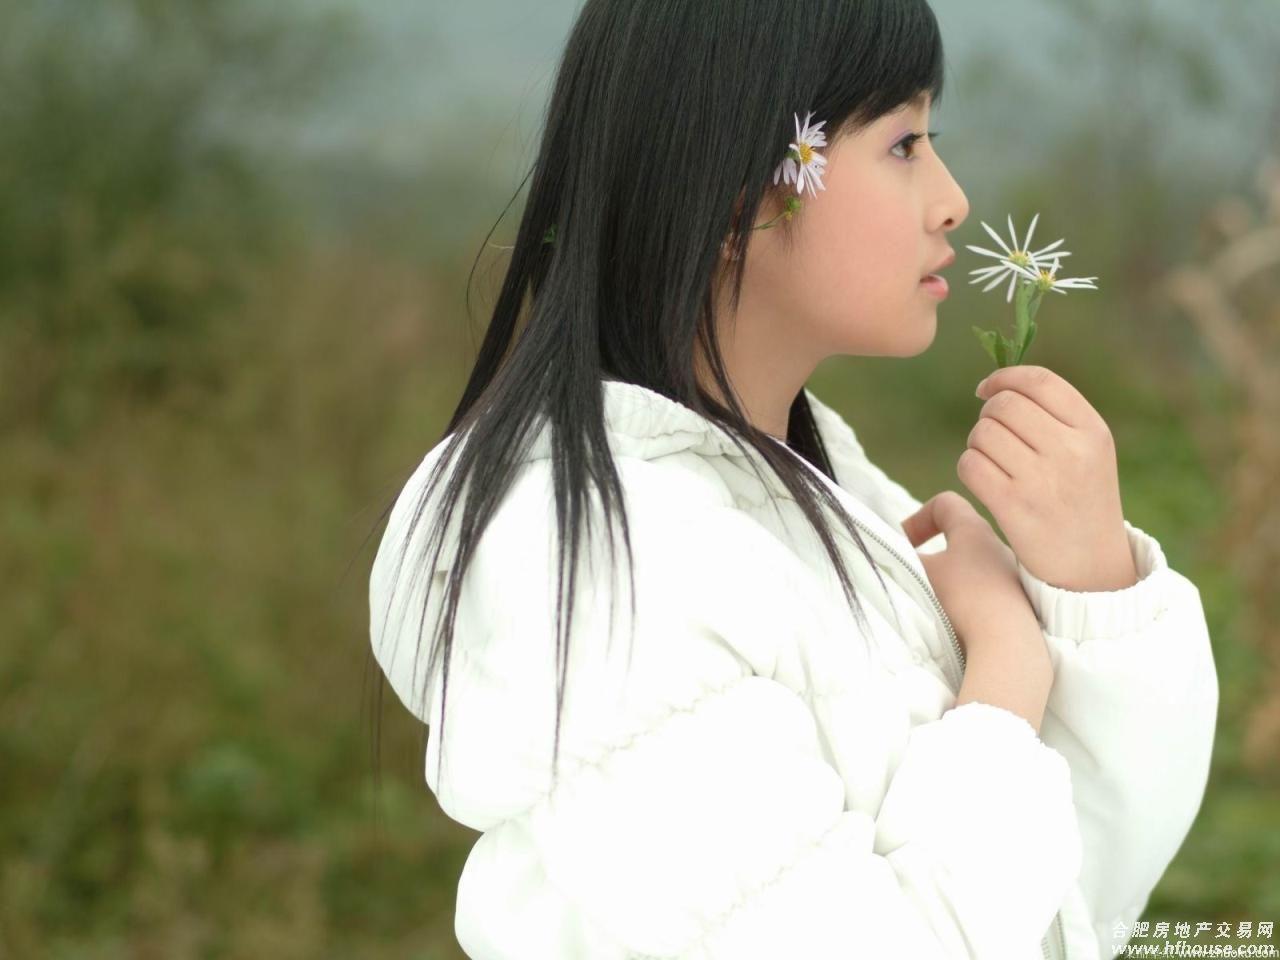 美女图片 青春